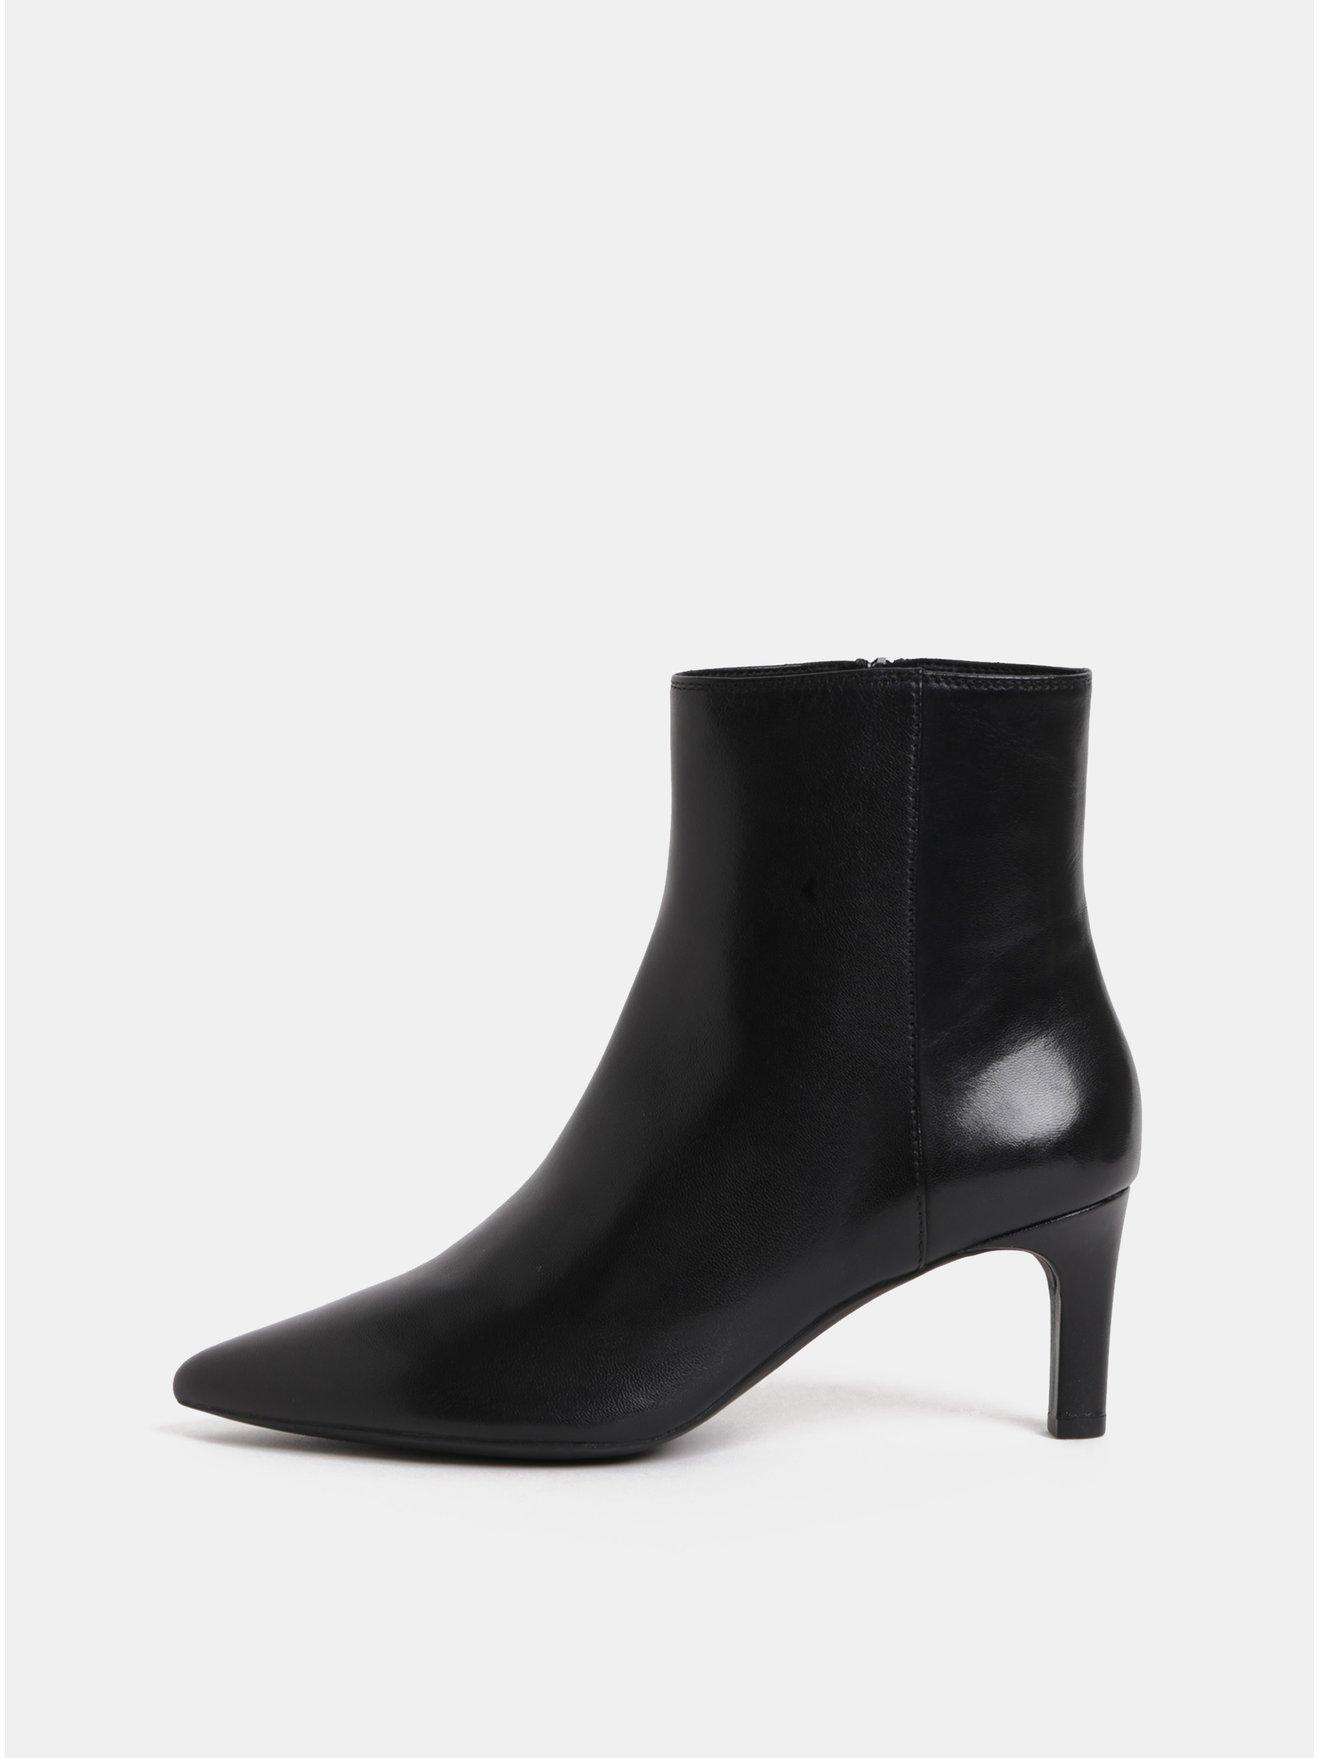 44a8ab8c3b Čierne dámske kožené členkové topánky na úzkom podpätku Geox Bibbiana